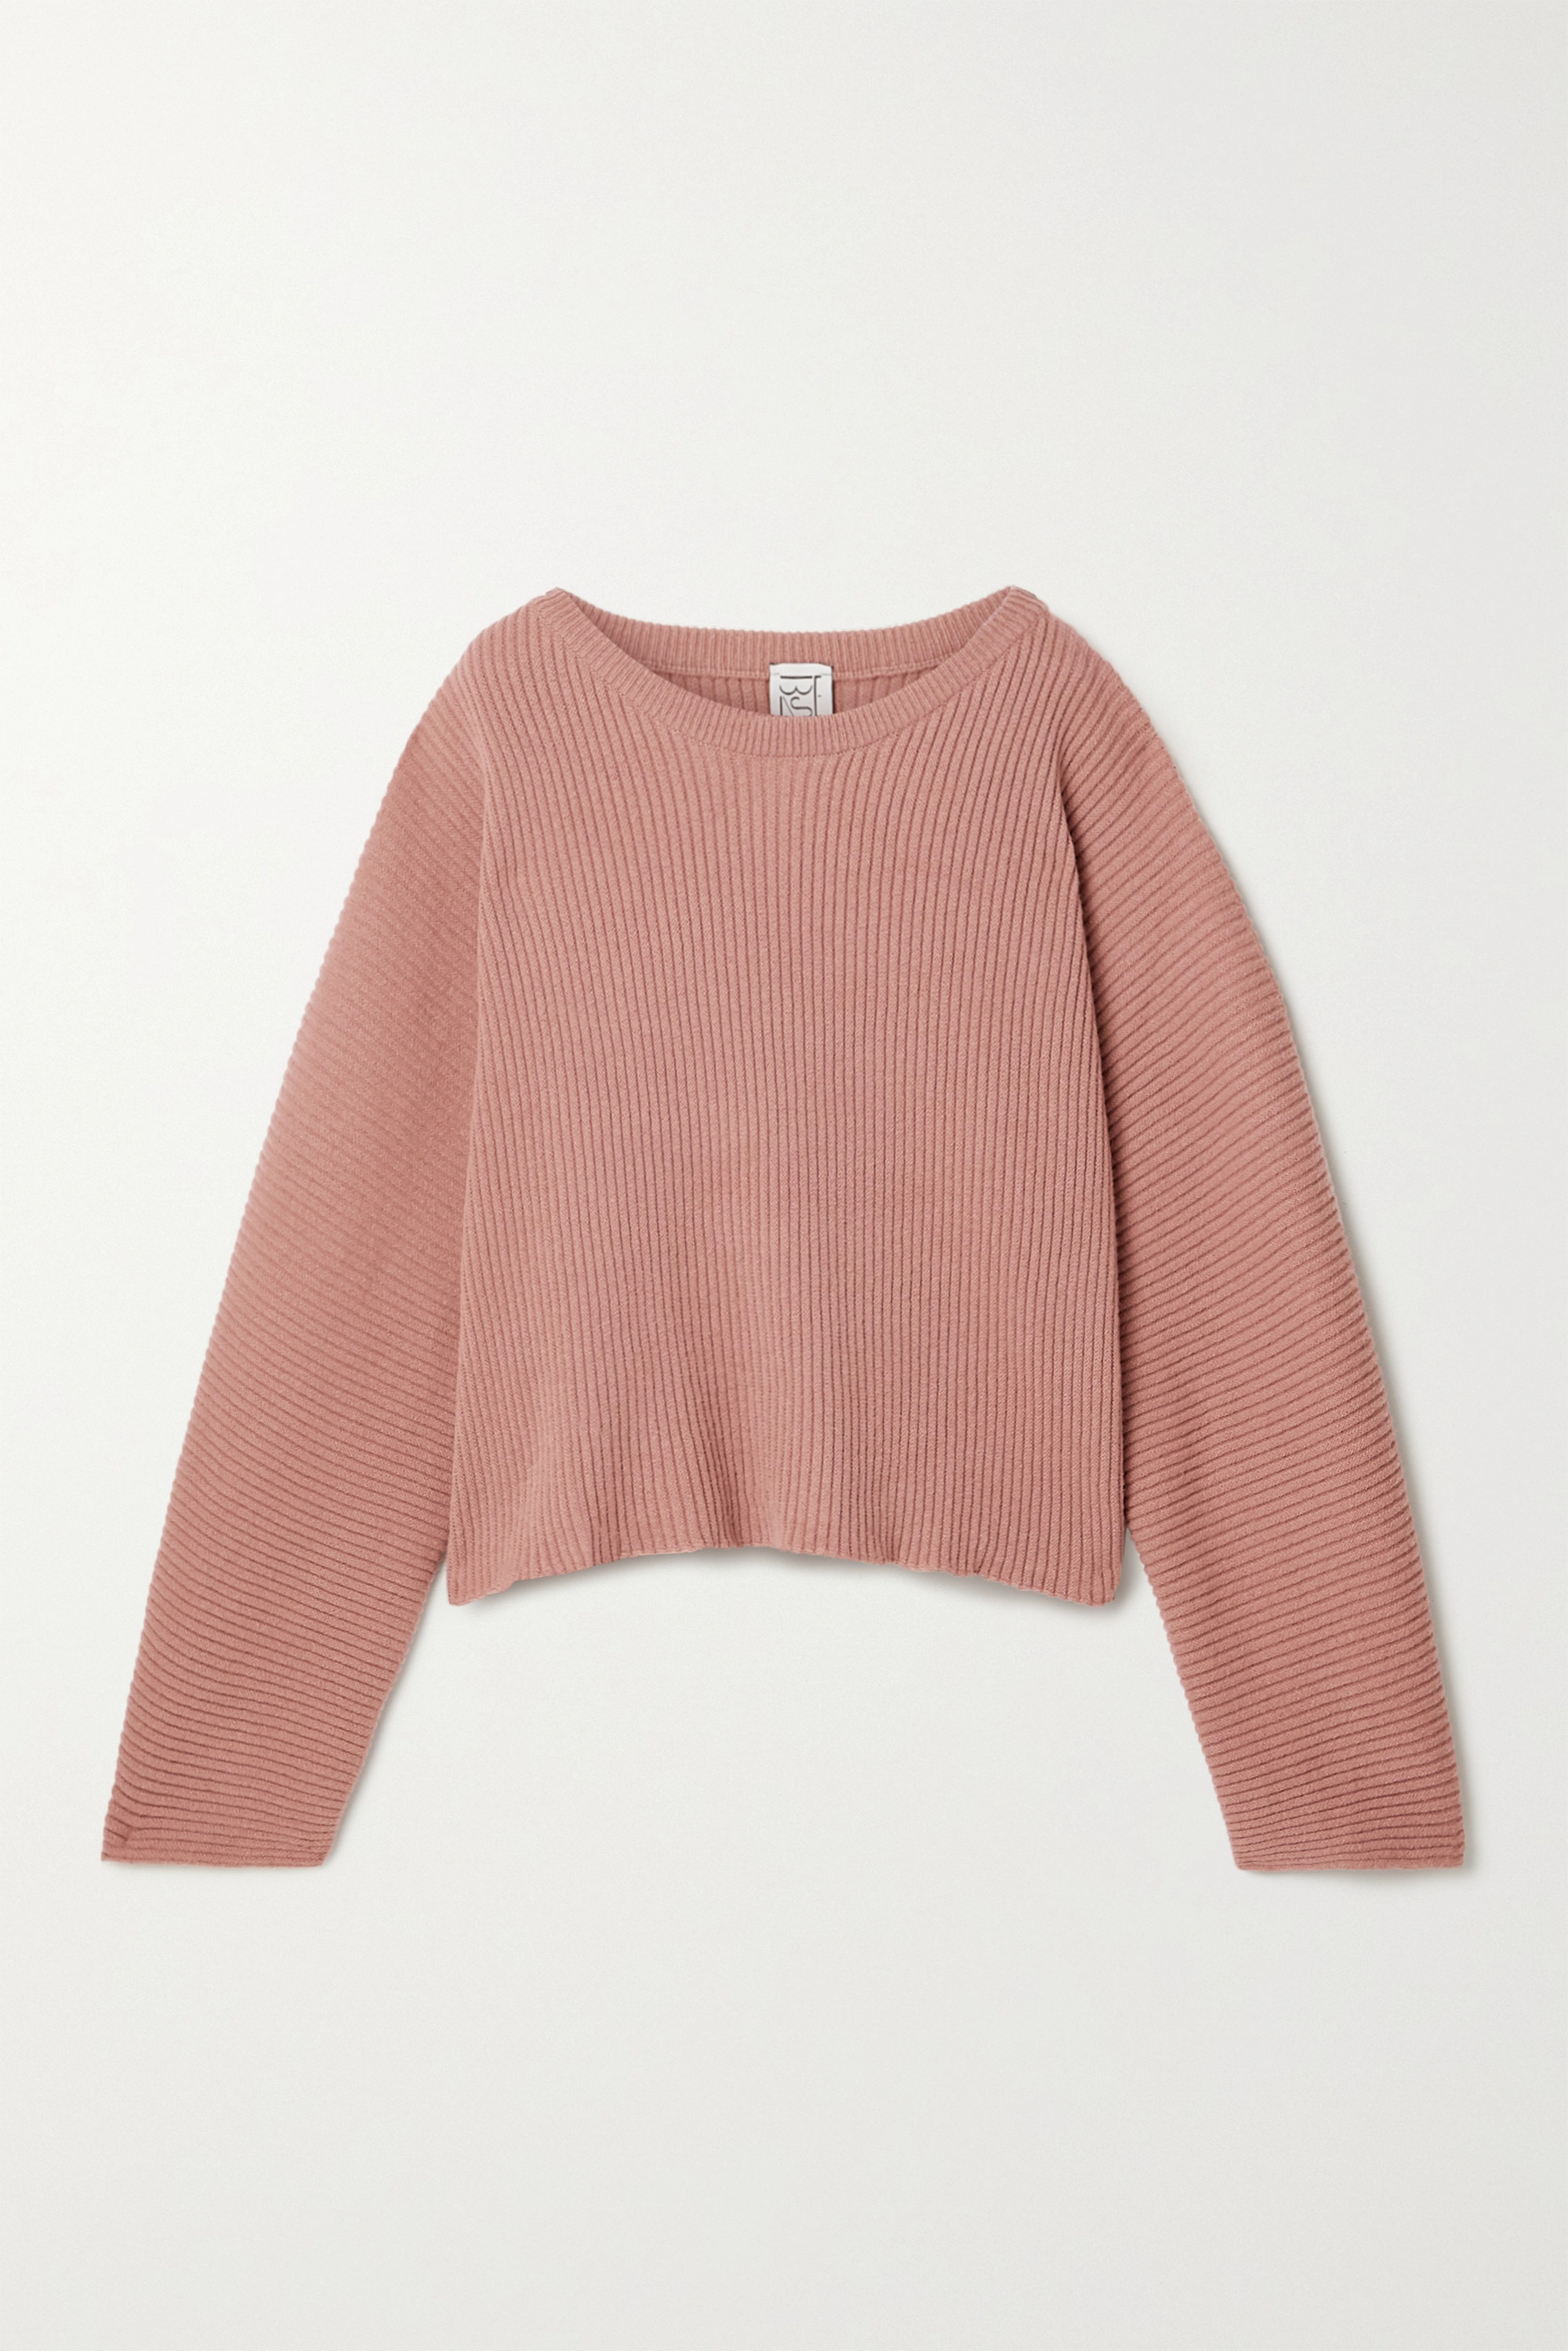 Antique Rose Kai Ribbed Merino Wool Sweater Baserange Net A Porter